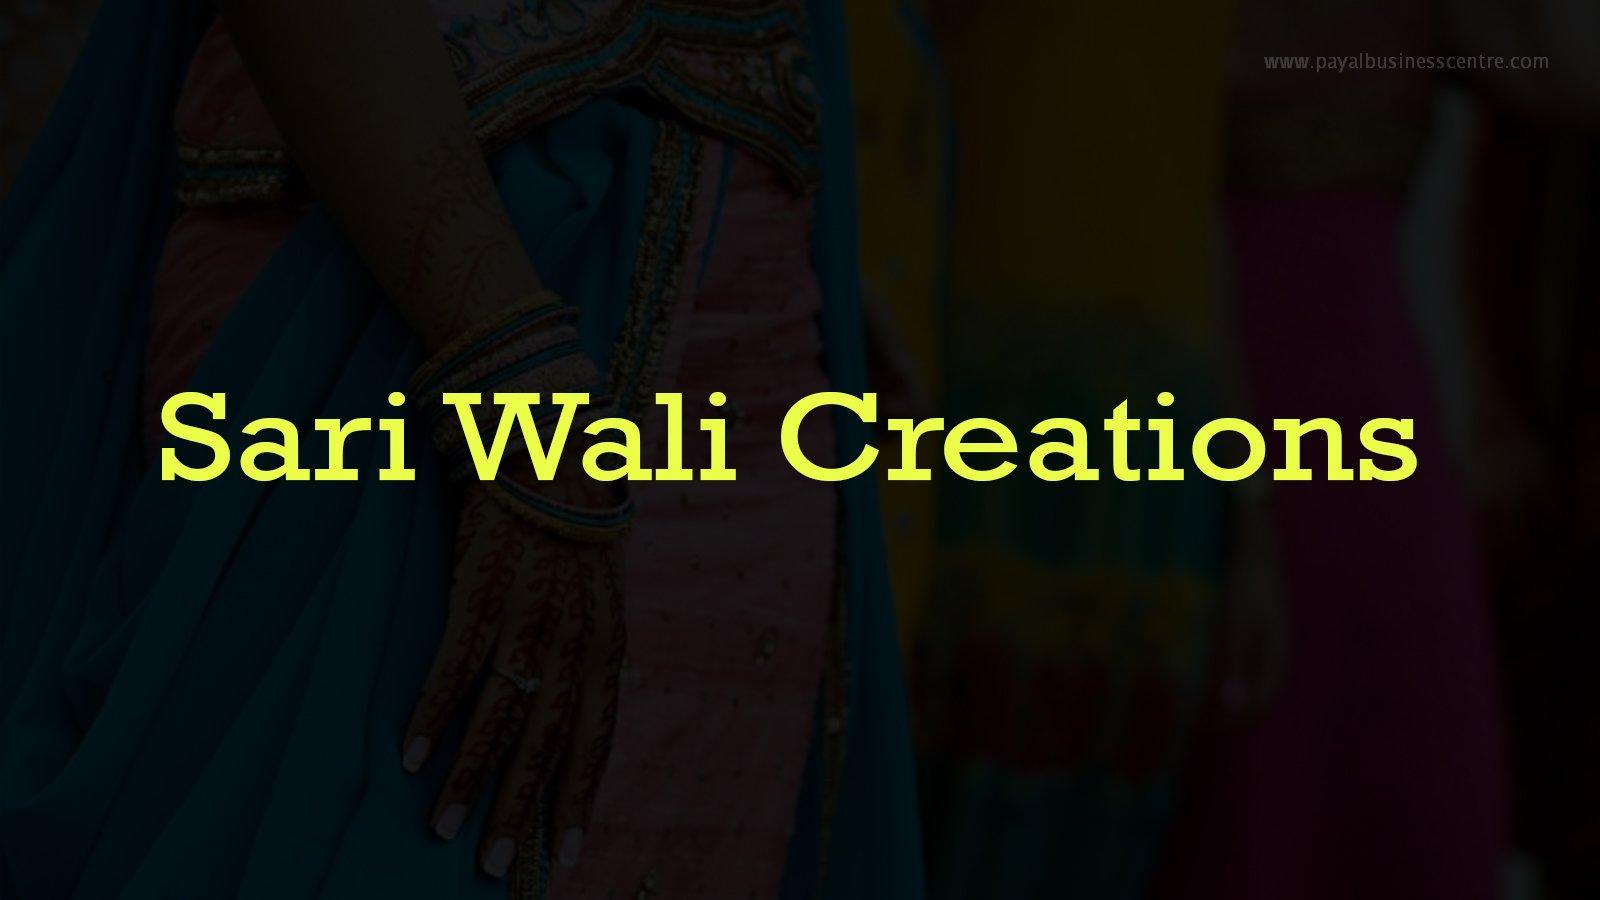 Sari Wali Creations